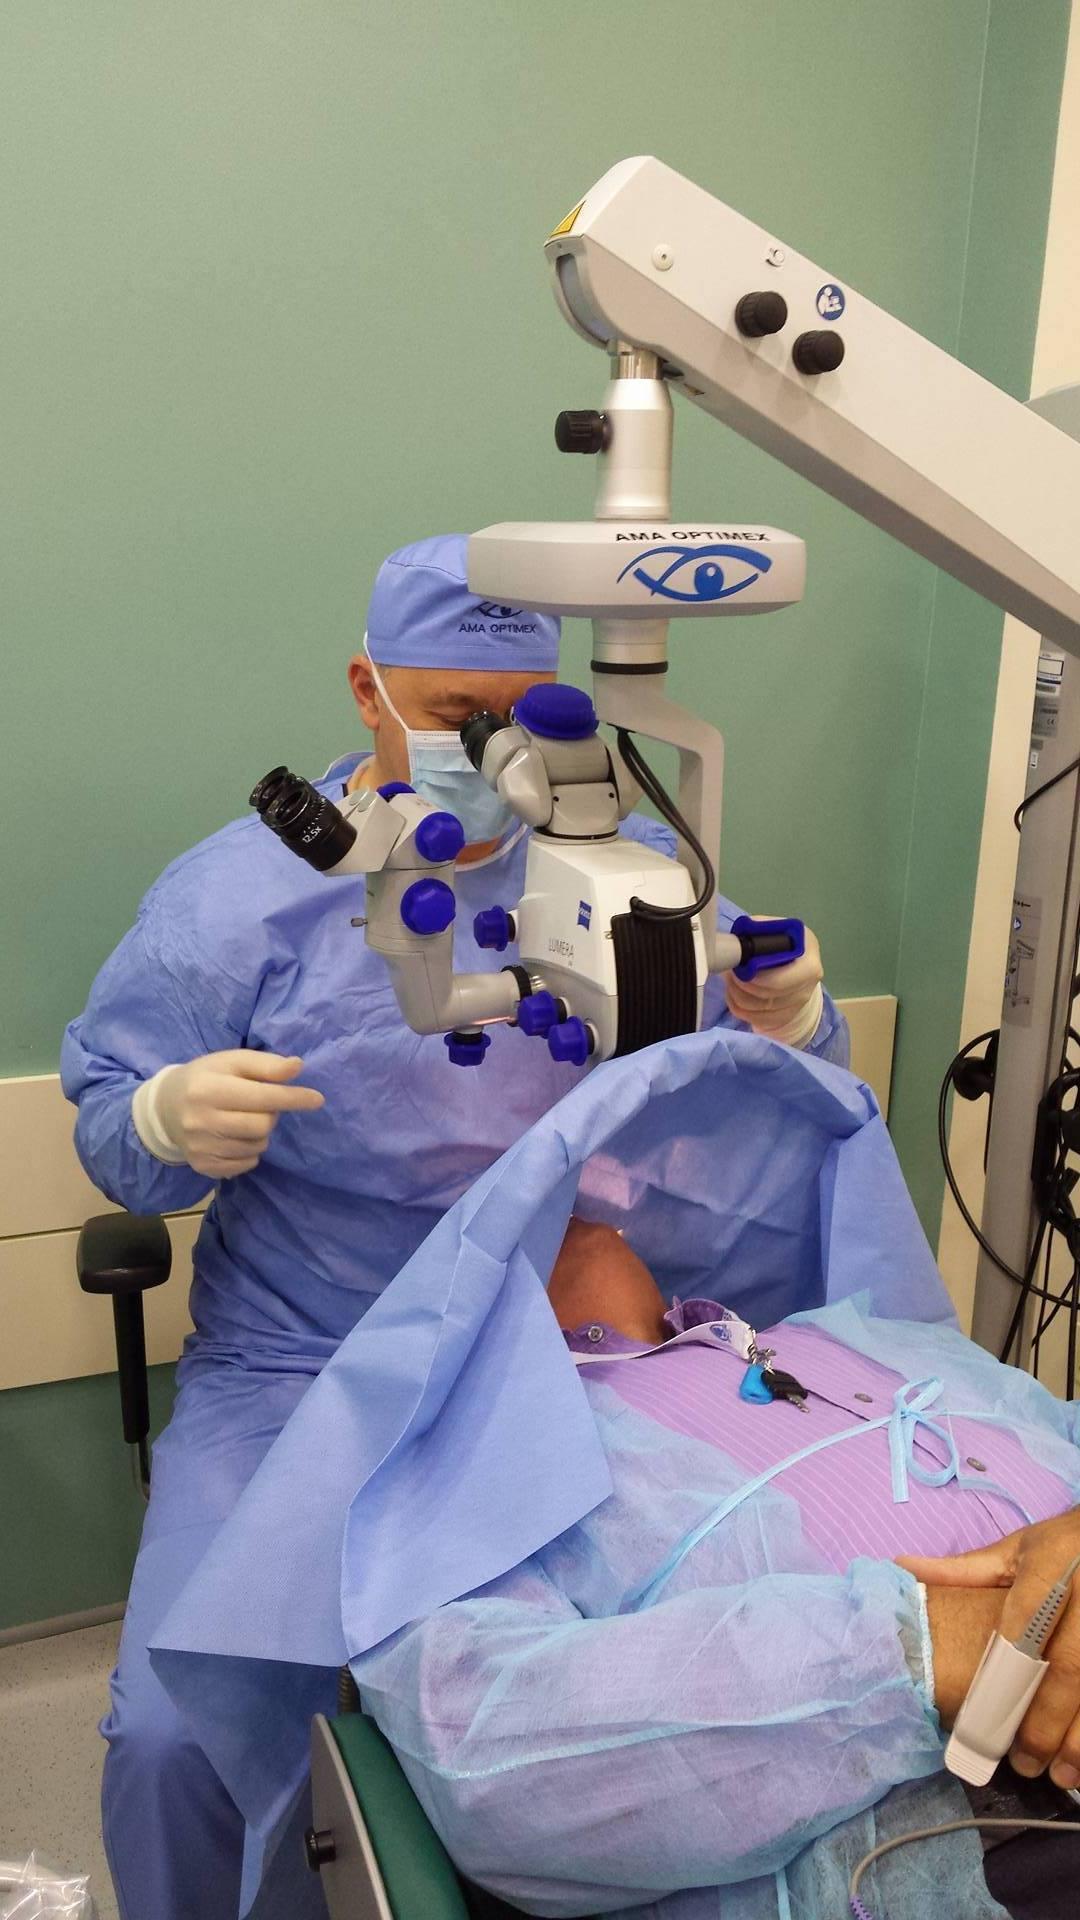 tehnici pentru restabilirea vederii fără intervenție chirurgicală